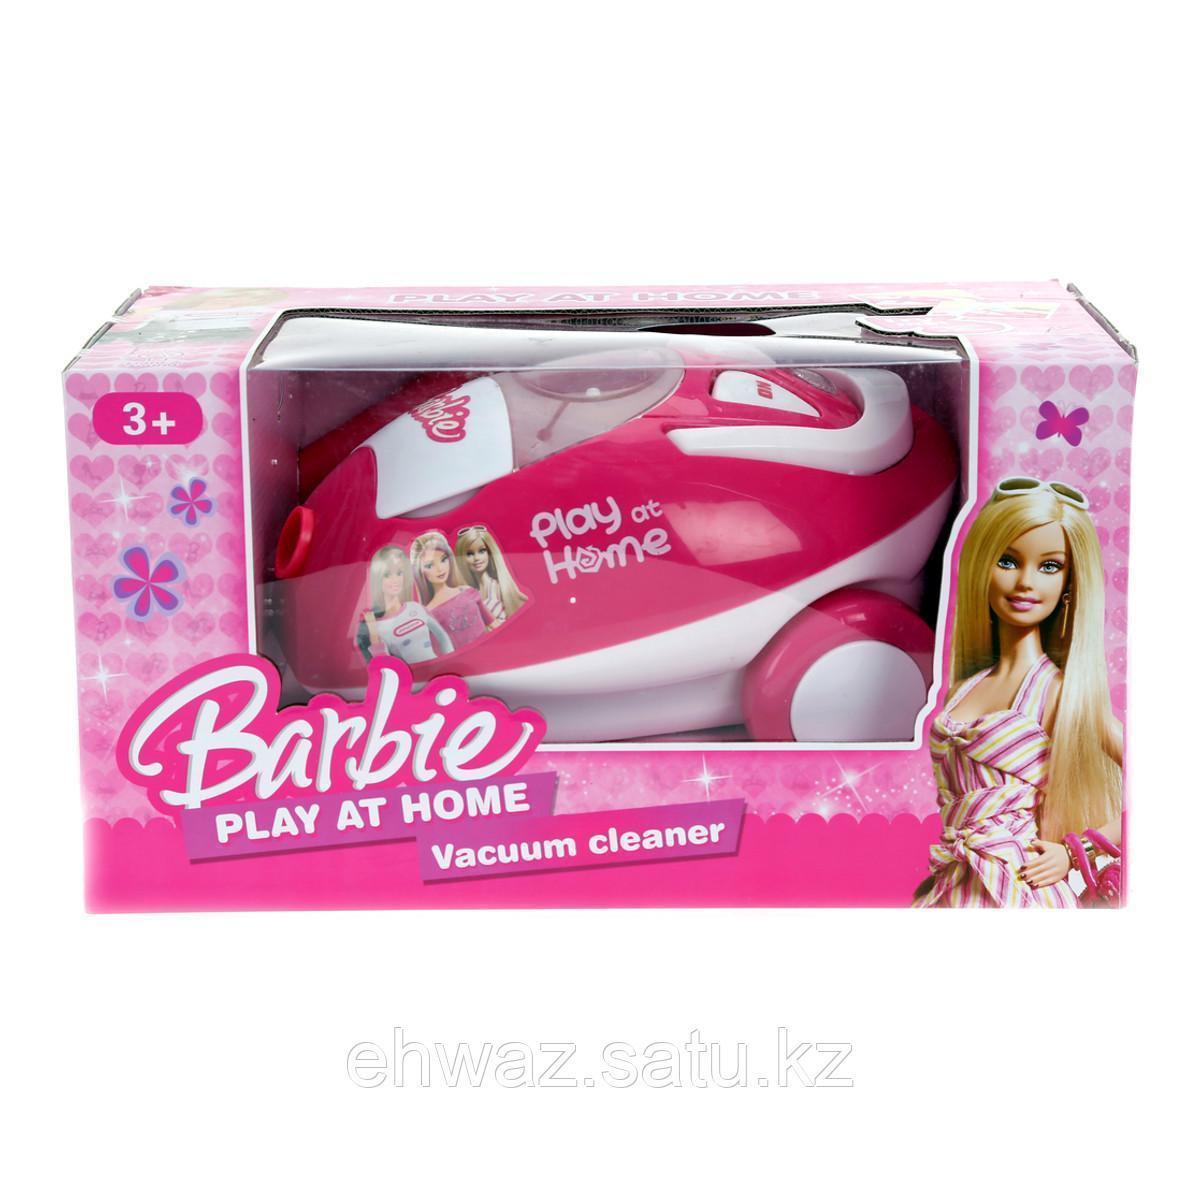 Детский пылесос Барби